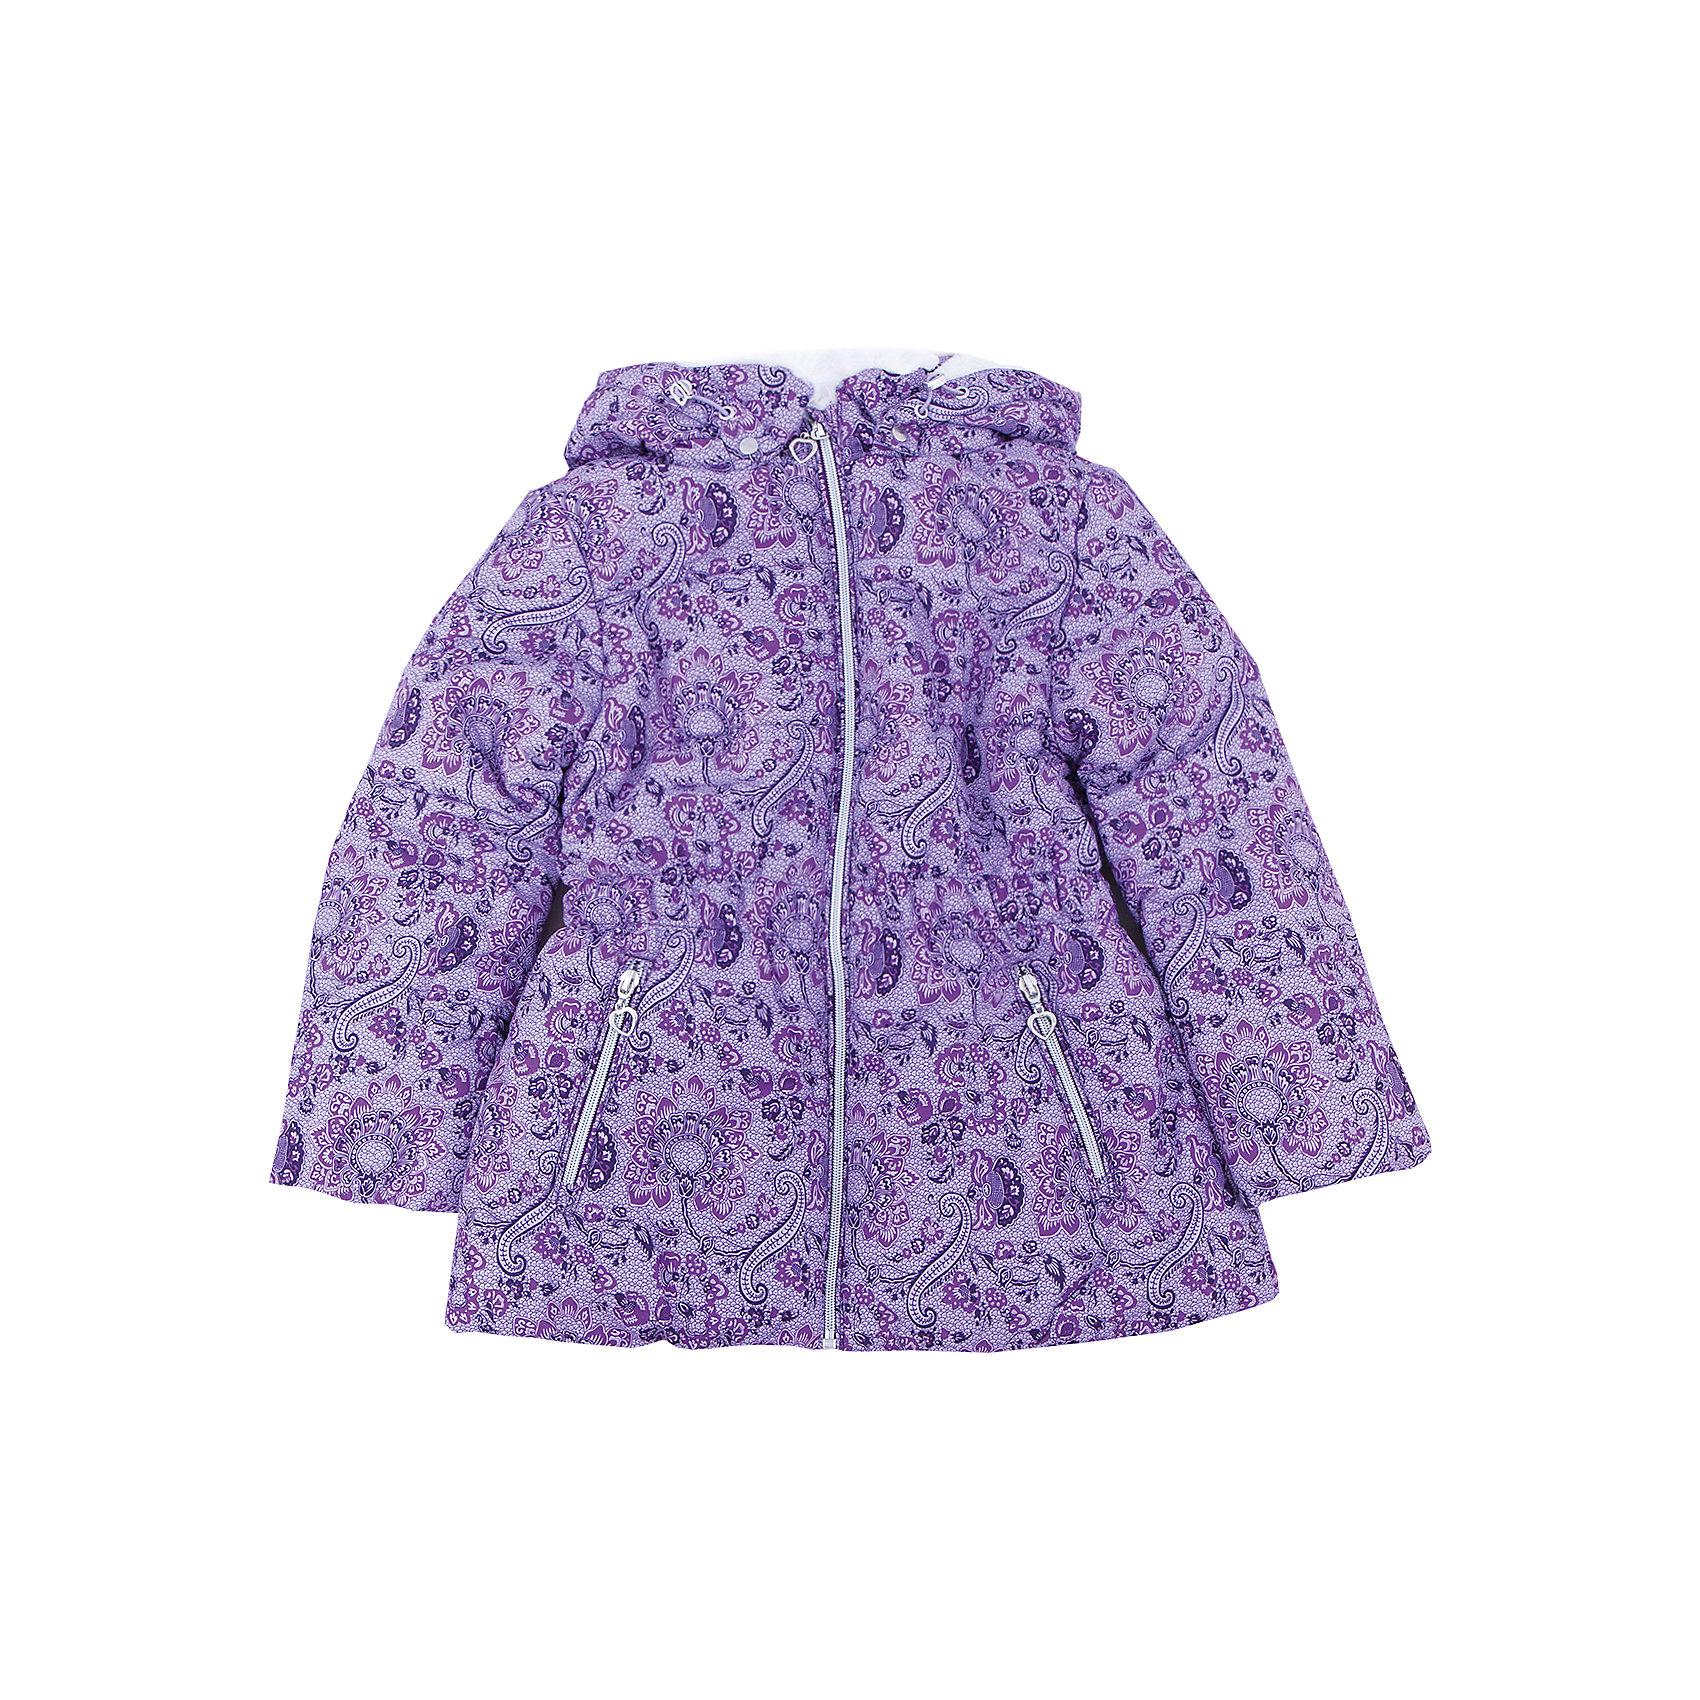 Куртка для девочки SELAВерхняя одежда<br>Такая стильная утепленная куртка - незаменимая вещь в прохладное время года. Эта модель отлично сидит на ребенке, она сшита из плотного материала, позволяет гулять и заниматься спортом на свежем воздухе. Подкладка и утеплитель обеспечивают ребенку комфорт. Модель дополнена капюшоном и карманами.<br>Одежда от бренда Sela (Села) - это качество по приемлемым ценам. Многие российские родители уже оценили преимущества продукции этой компании и всё чаще приобретают одежду и аксессуары Sela.<br><br>Дополнительная информация:<br><br>материал: 100% ПЭ; подкладка:100% ПЭ; утеплитель:100% ПЭ;<br>капюшон;<br>карманы;<br>молния.<br><br>Куртку для девочки от бренда Sela можно купить в нашем интернет-магазине.<br><br>Ширина мм: 356<br>Глубина мм: 10<br>Высота мм: 245<br>Вес г: 519<br>Цвет: фиолетовый<br>Возраст от месяцев: 132<br>Возраст до месяцев: 144<br>Пол: Женский<br>Возраст: Детский<br>Размер: 152,116,128,140<br>SKU: 4919440